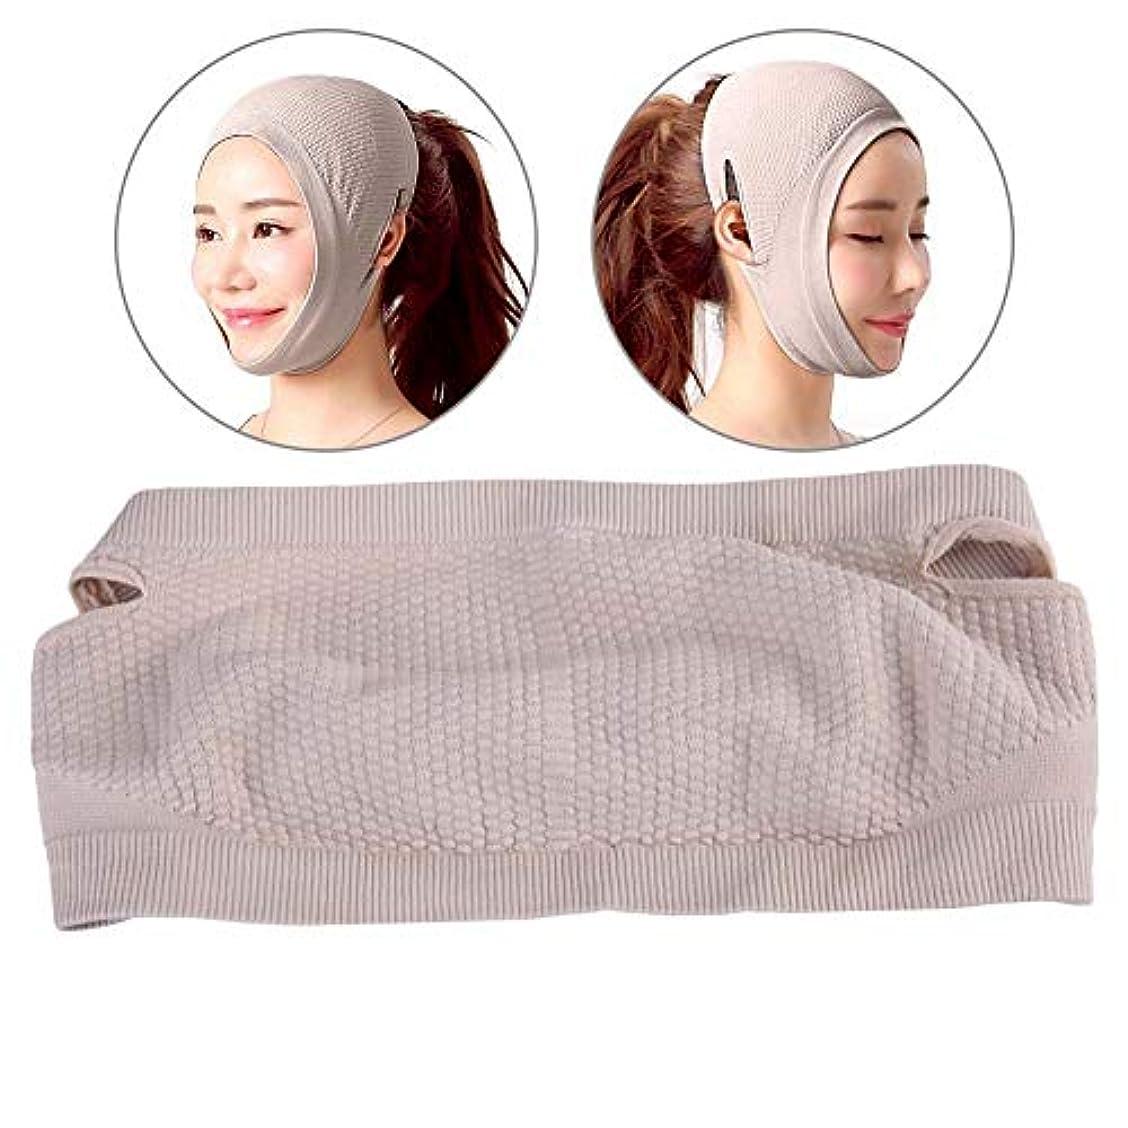 セール侵略シェフ顔の輪郭を改善するVフェイス美容包帯 フェイシャルリフティングマスク、露出耳のデザイン/通気性/伸縮性/副作用なし